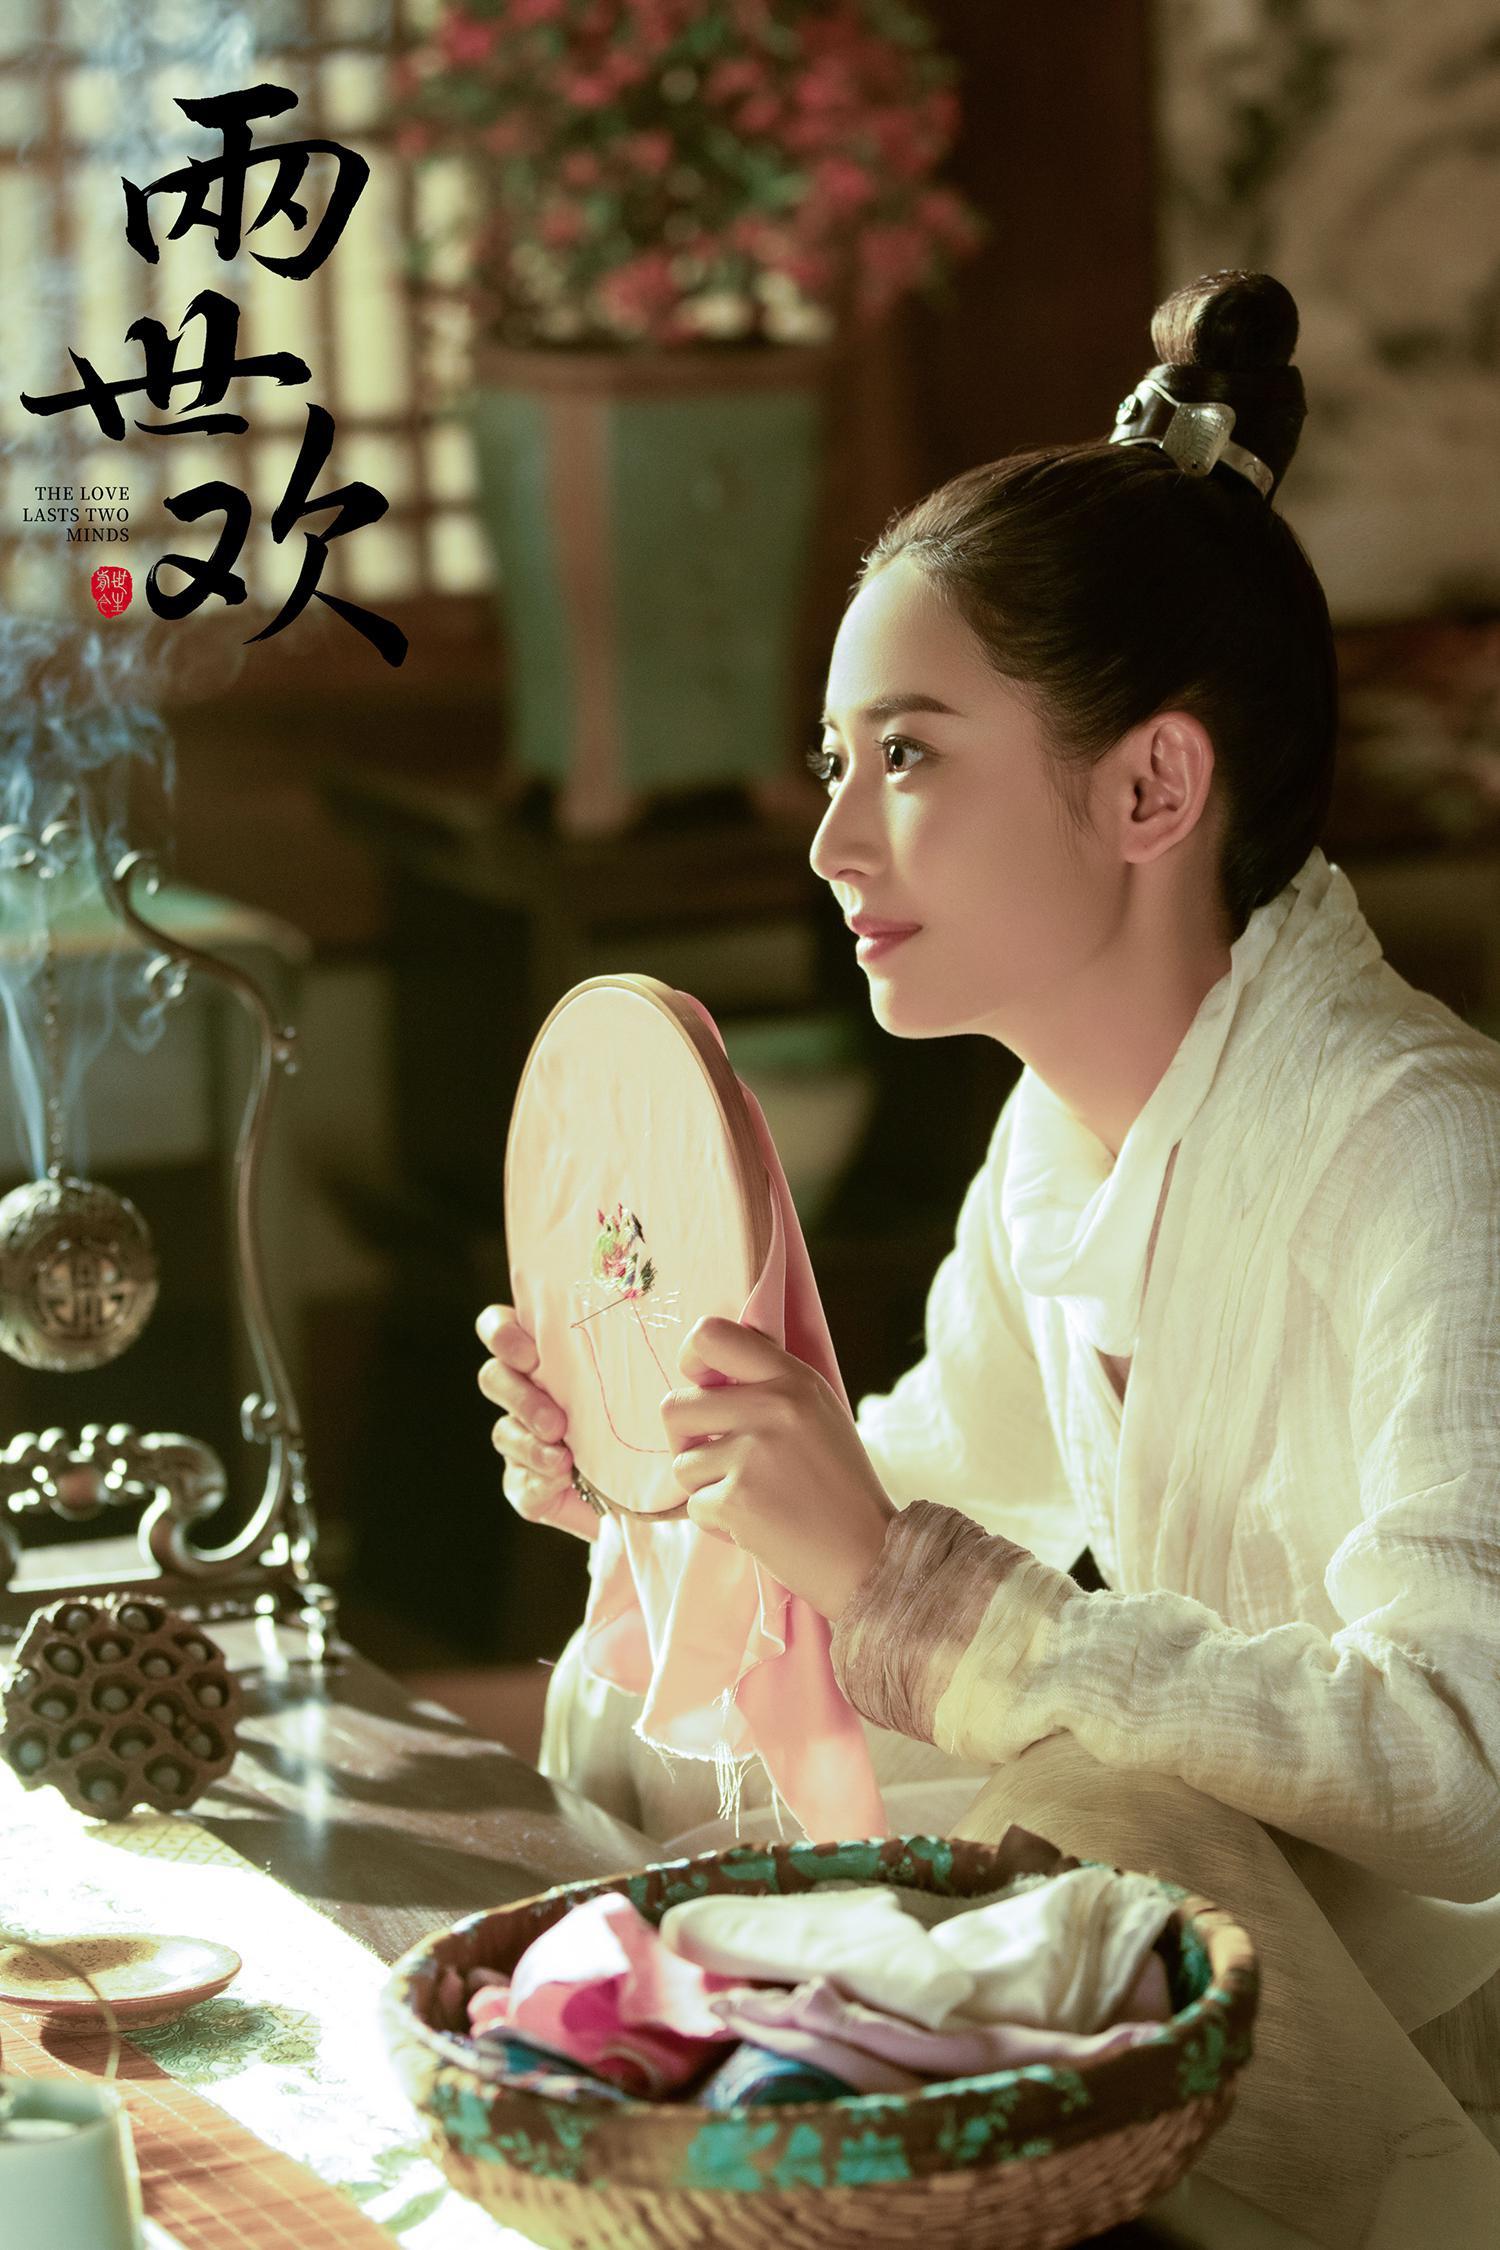 《两世欢》曝插曲《知晚》MV 于朦胧陈钰琪互赠荷包演绎唯美初恋